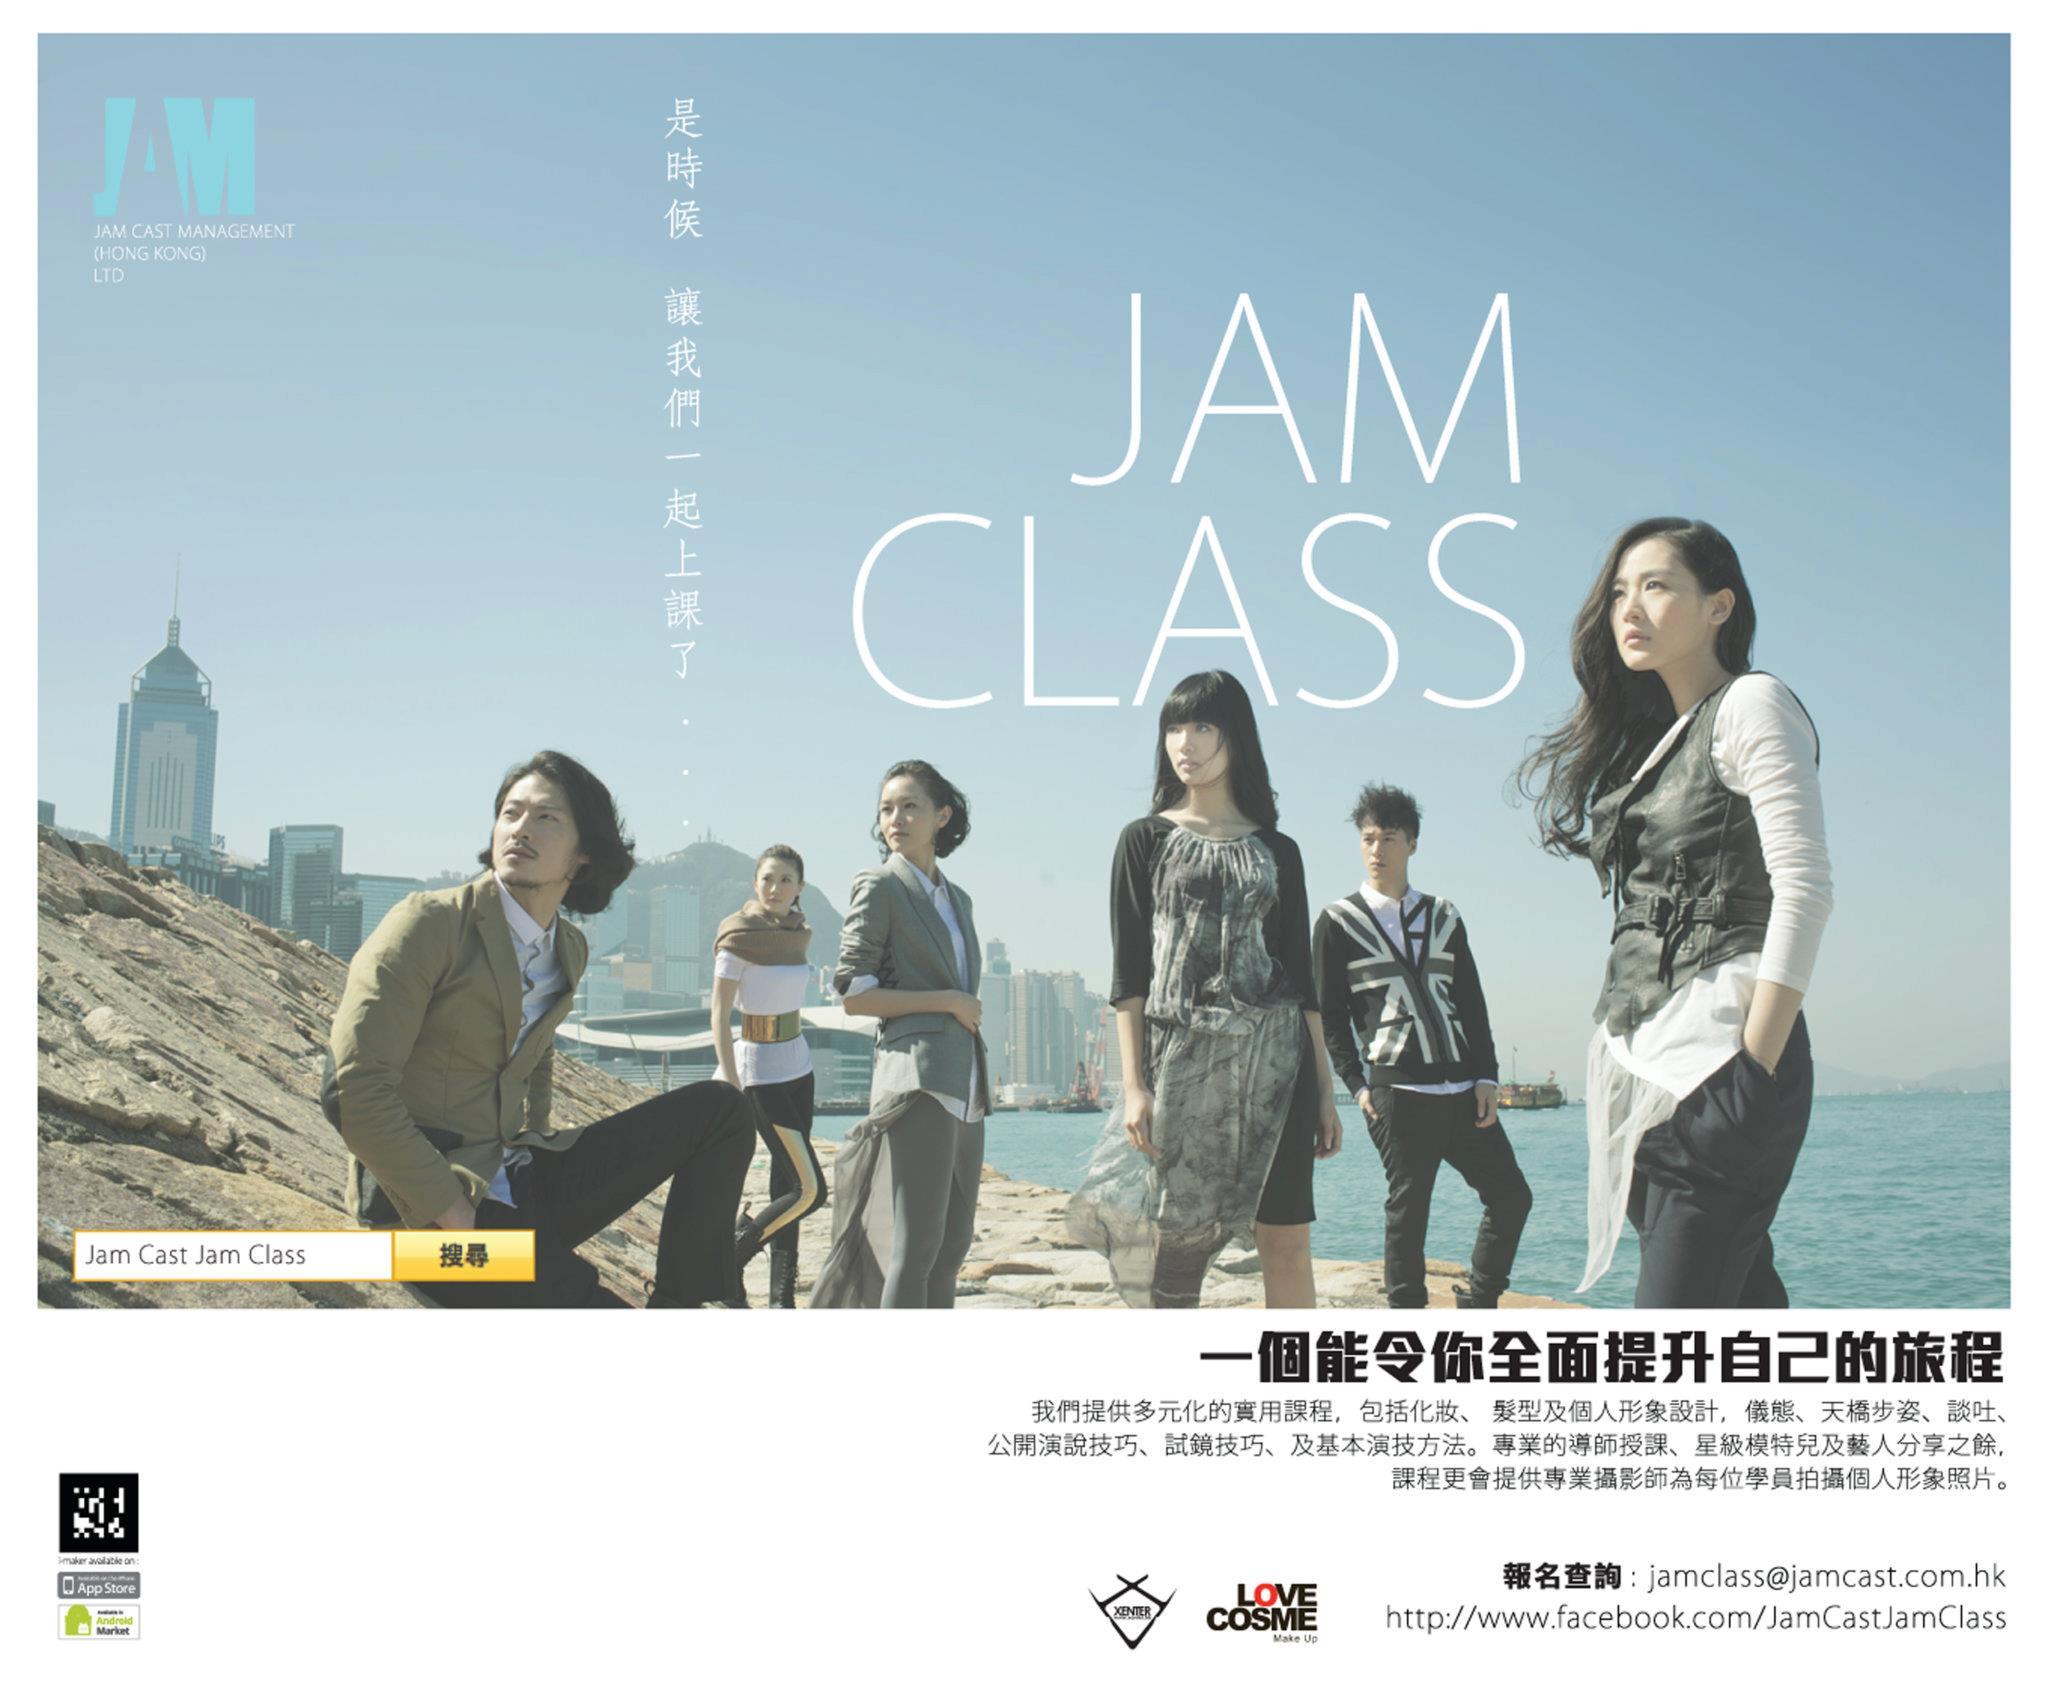 Jam Class Poster